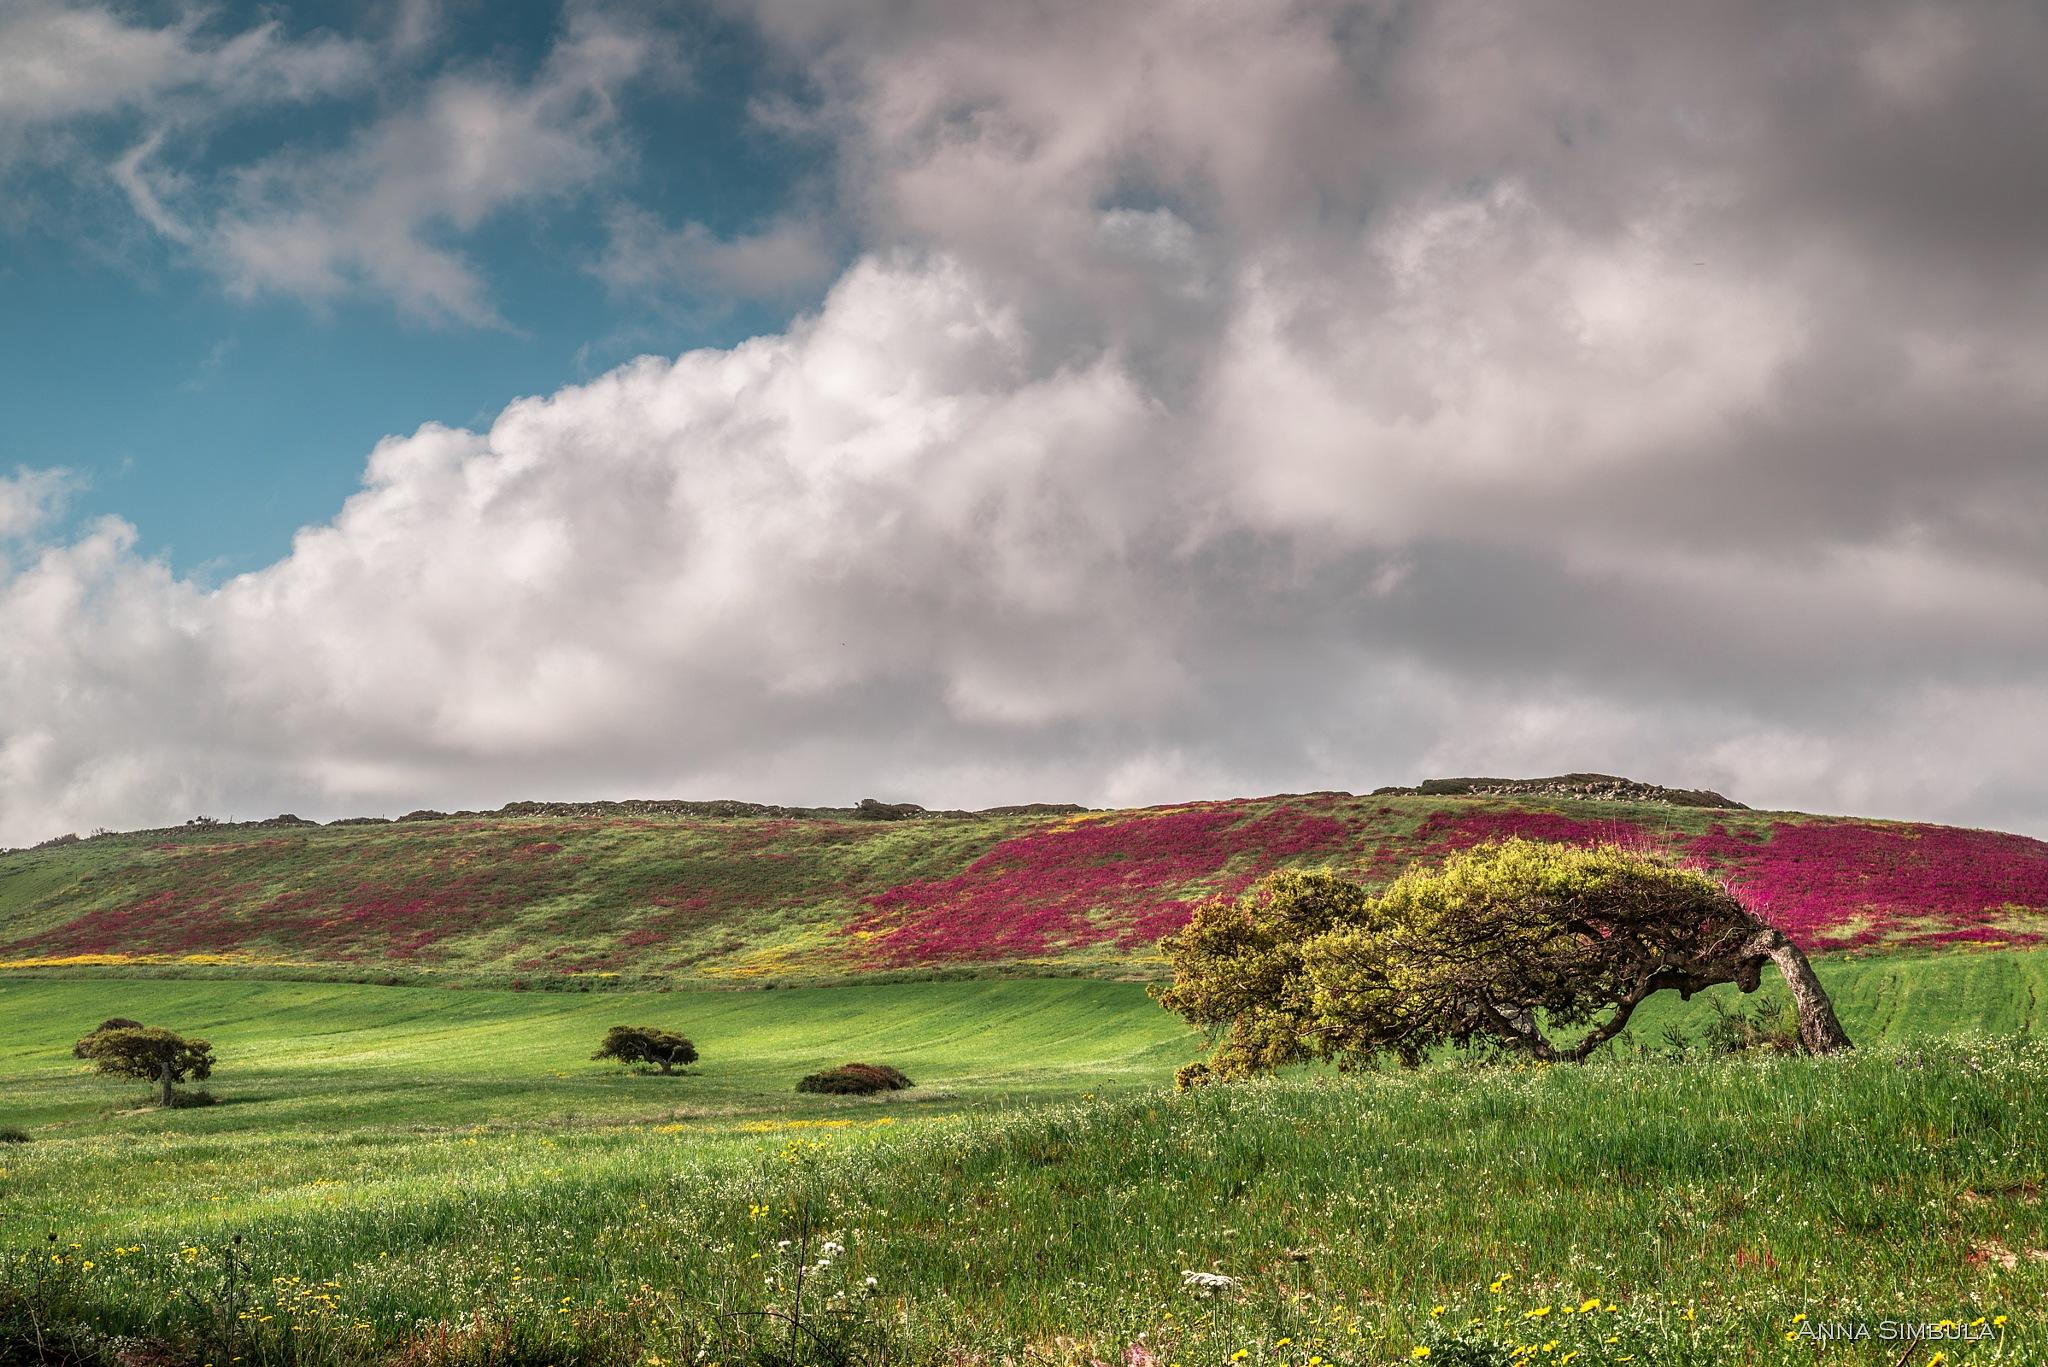 Spring of Sardinia by annasimb